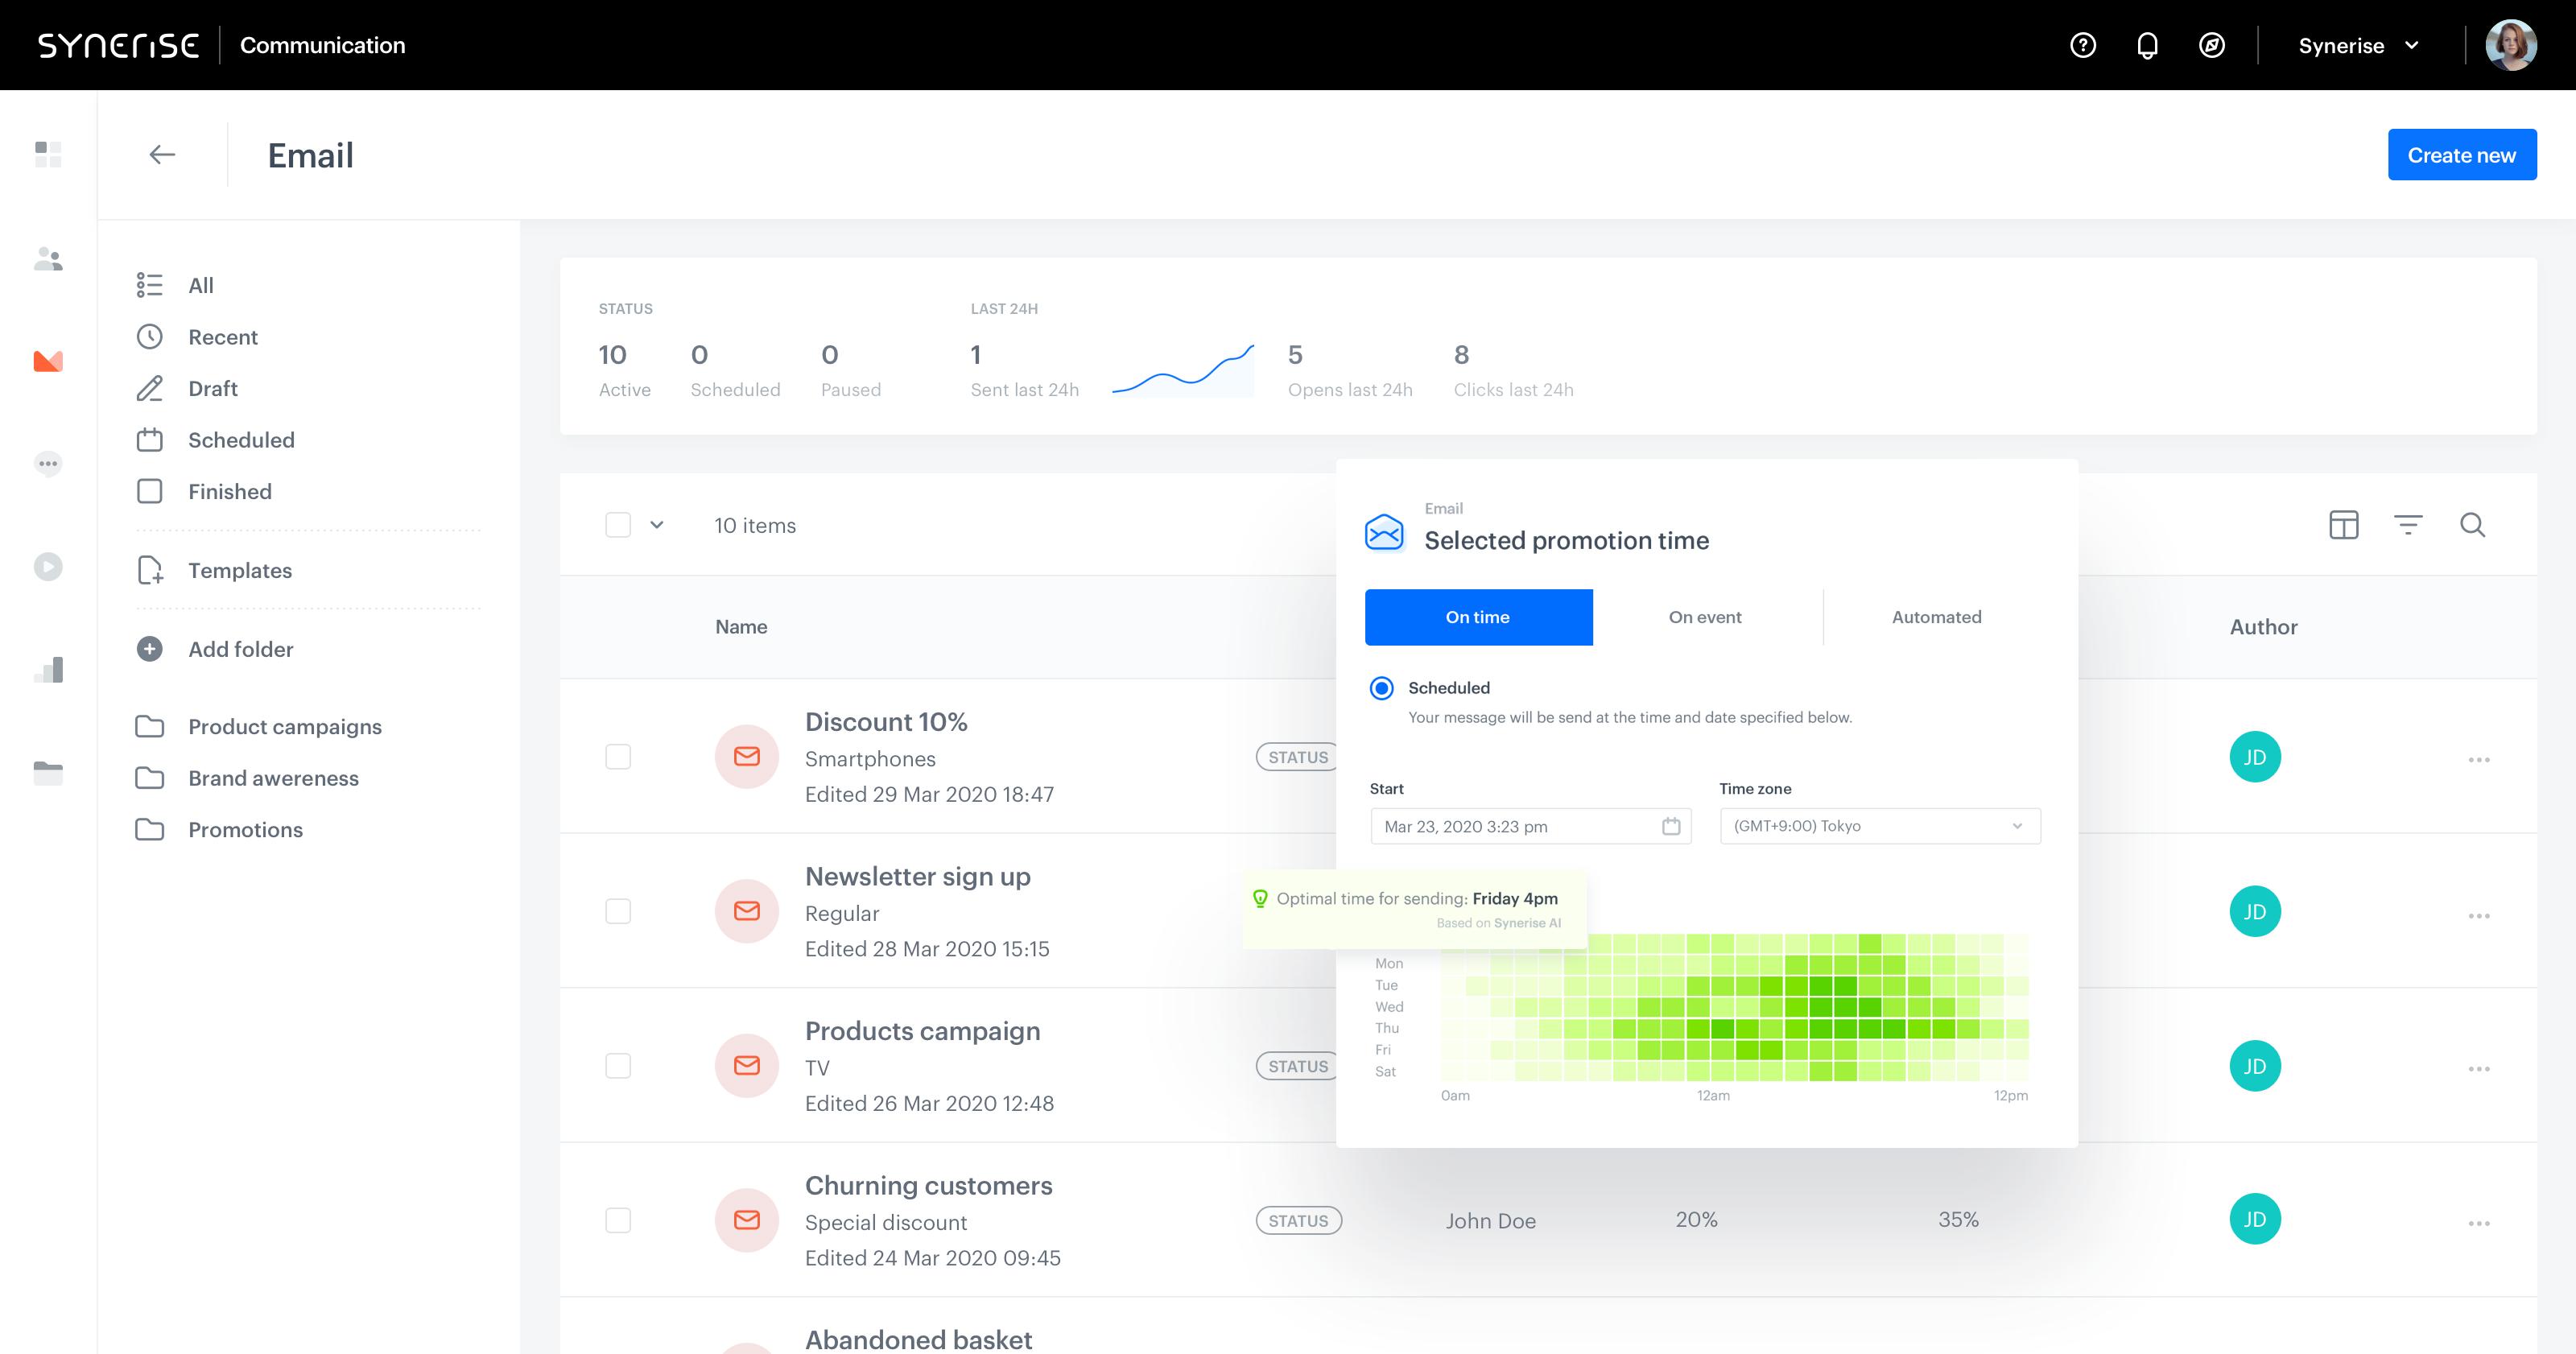 Marketing Platform - Synerise